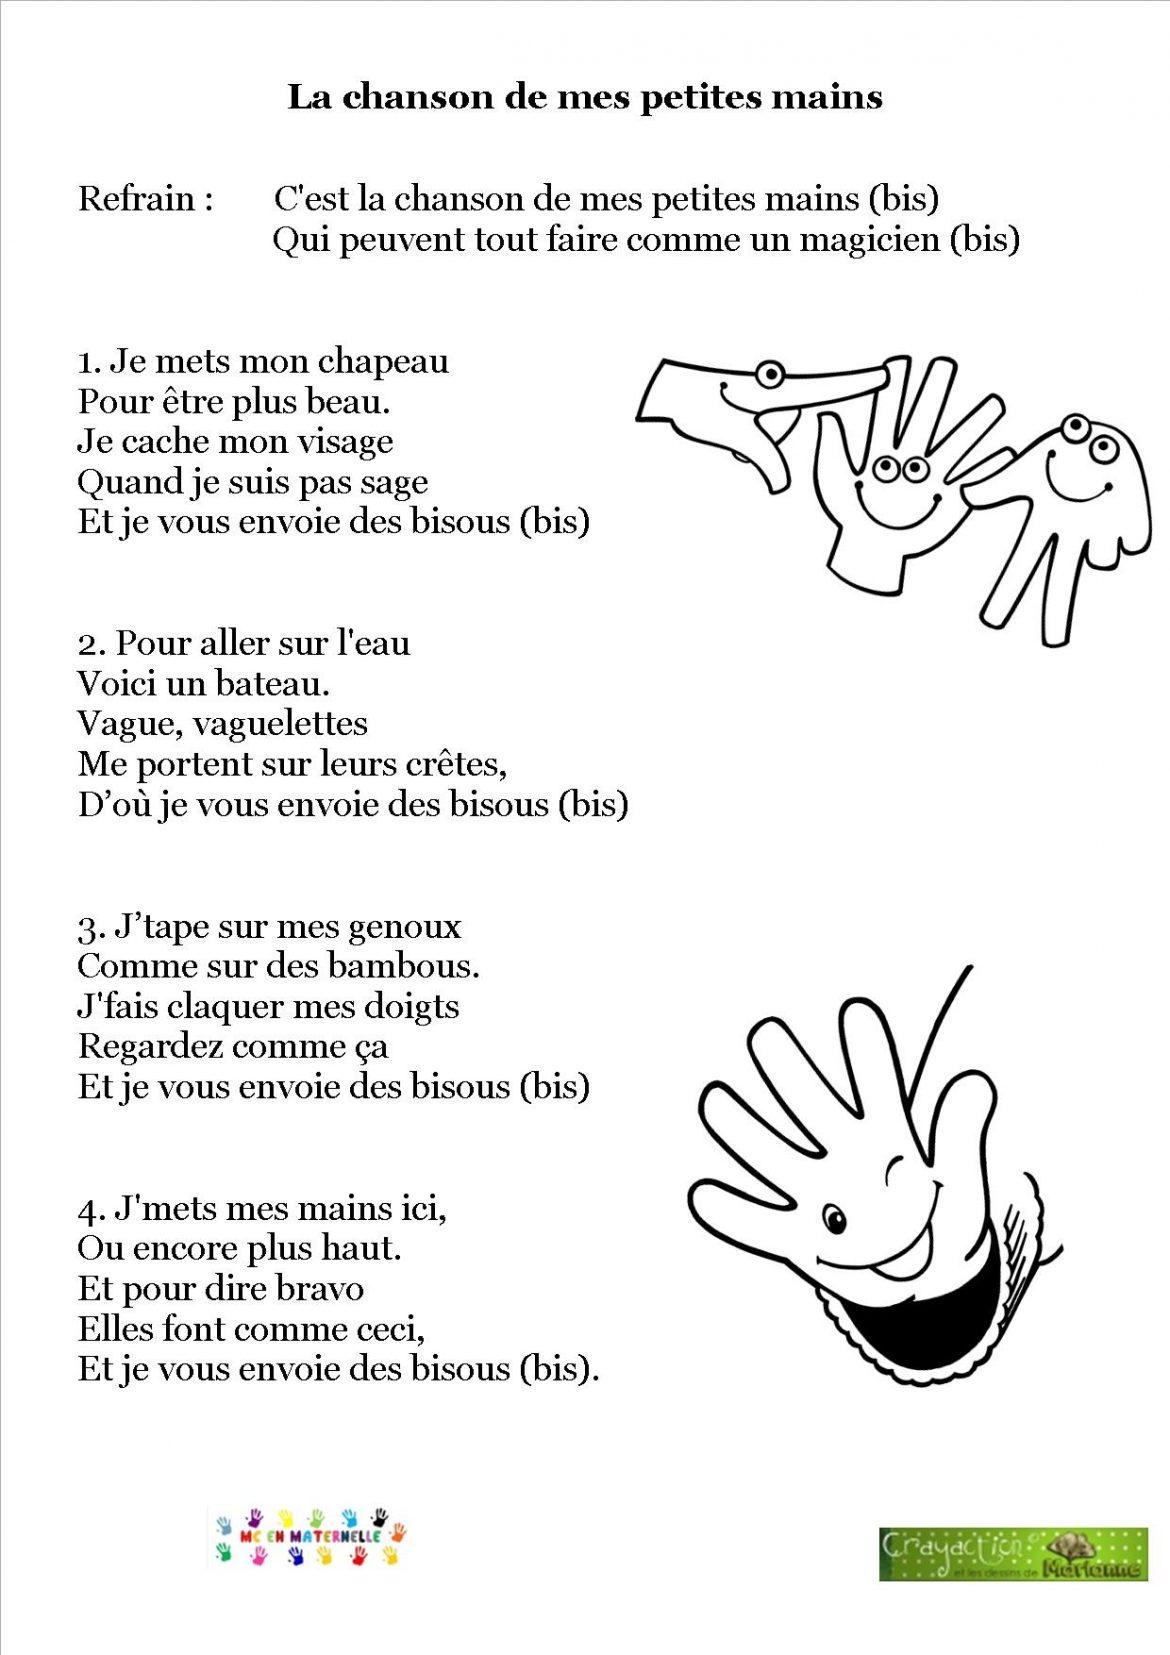 Chansons comptines mc en maternelle - Comment enlever de la teinture sur les mains ...